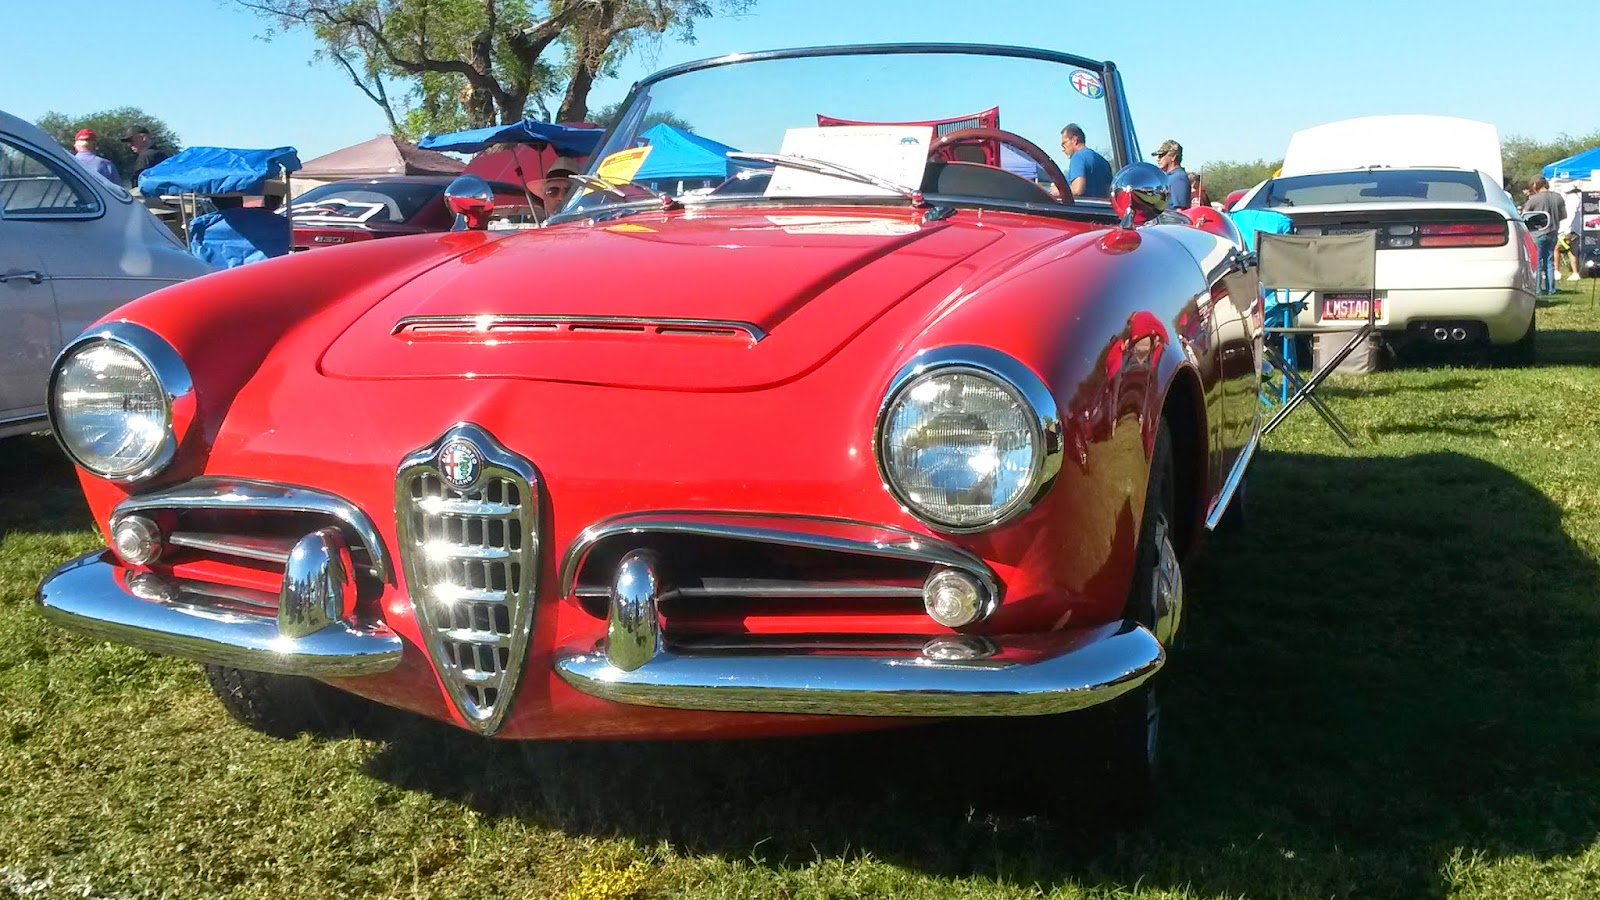 Fun Italian Automobiles Of Tucson FIAT Tucson Classics - Tucson classic car show